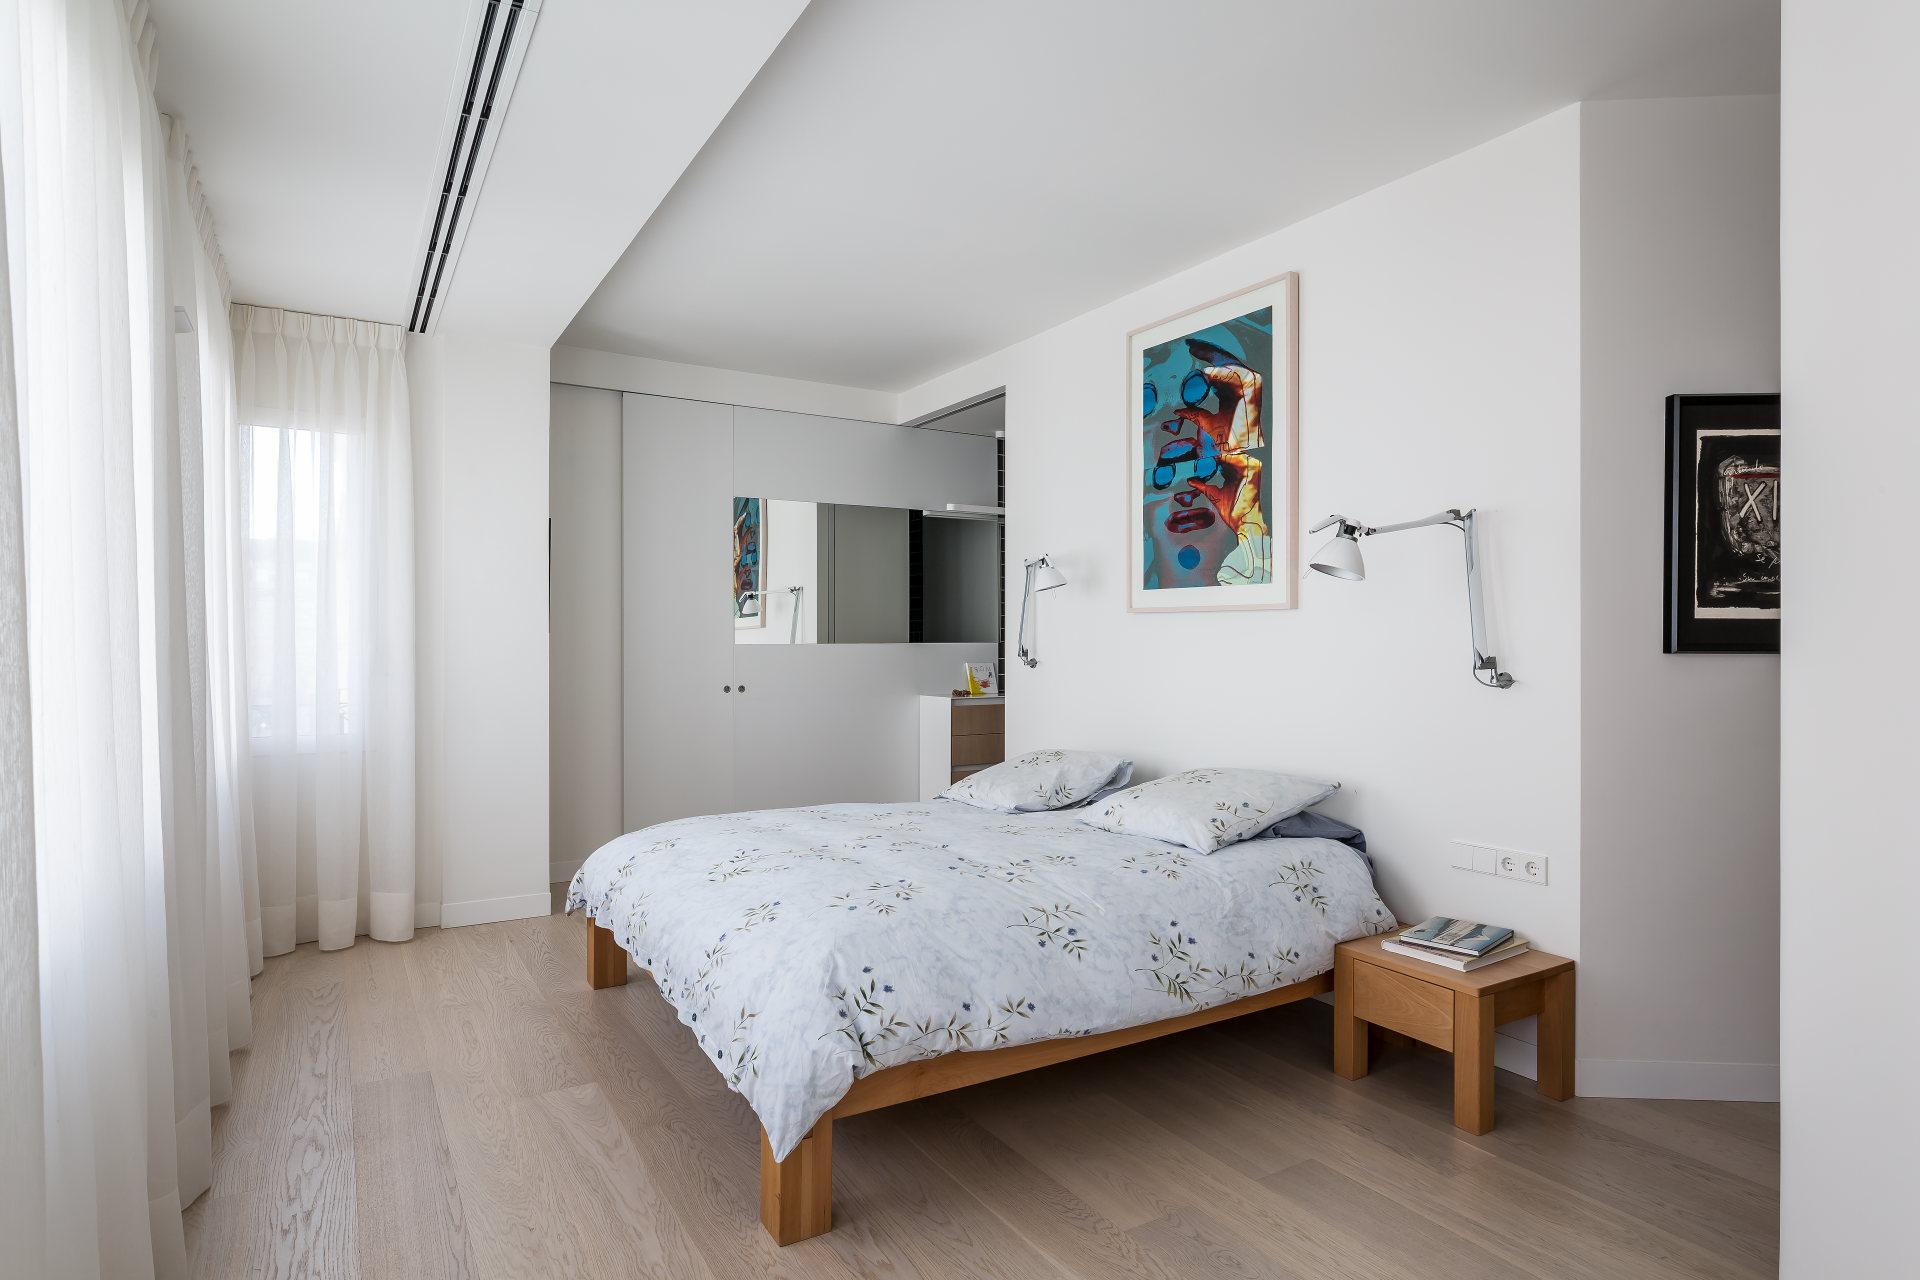 fotografia-arquitectura-valencia-german-cabo-selecta-home-alicante (17)